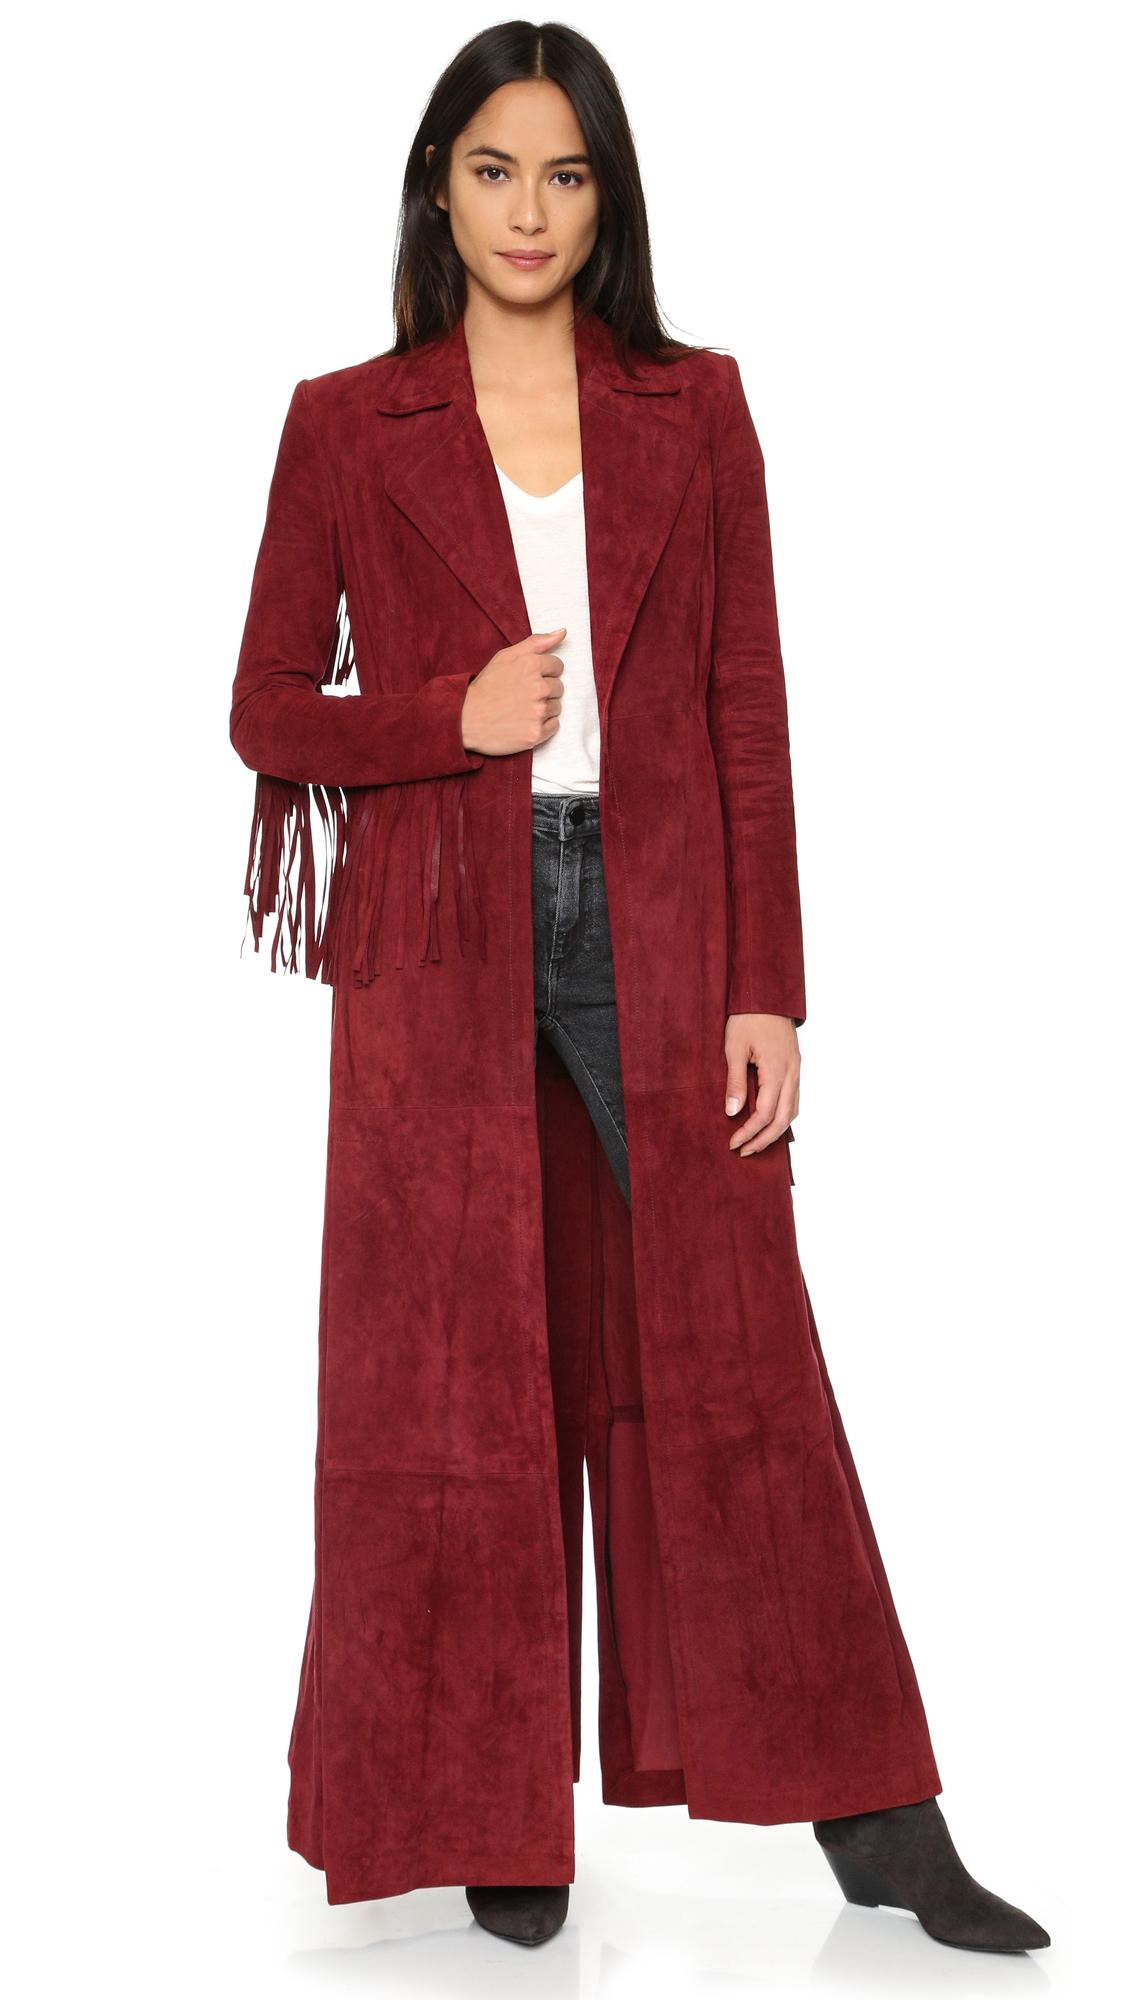 Rachel zoe Loni Suede Fringe Maxi Coat in Brown